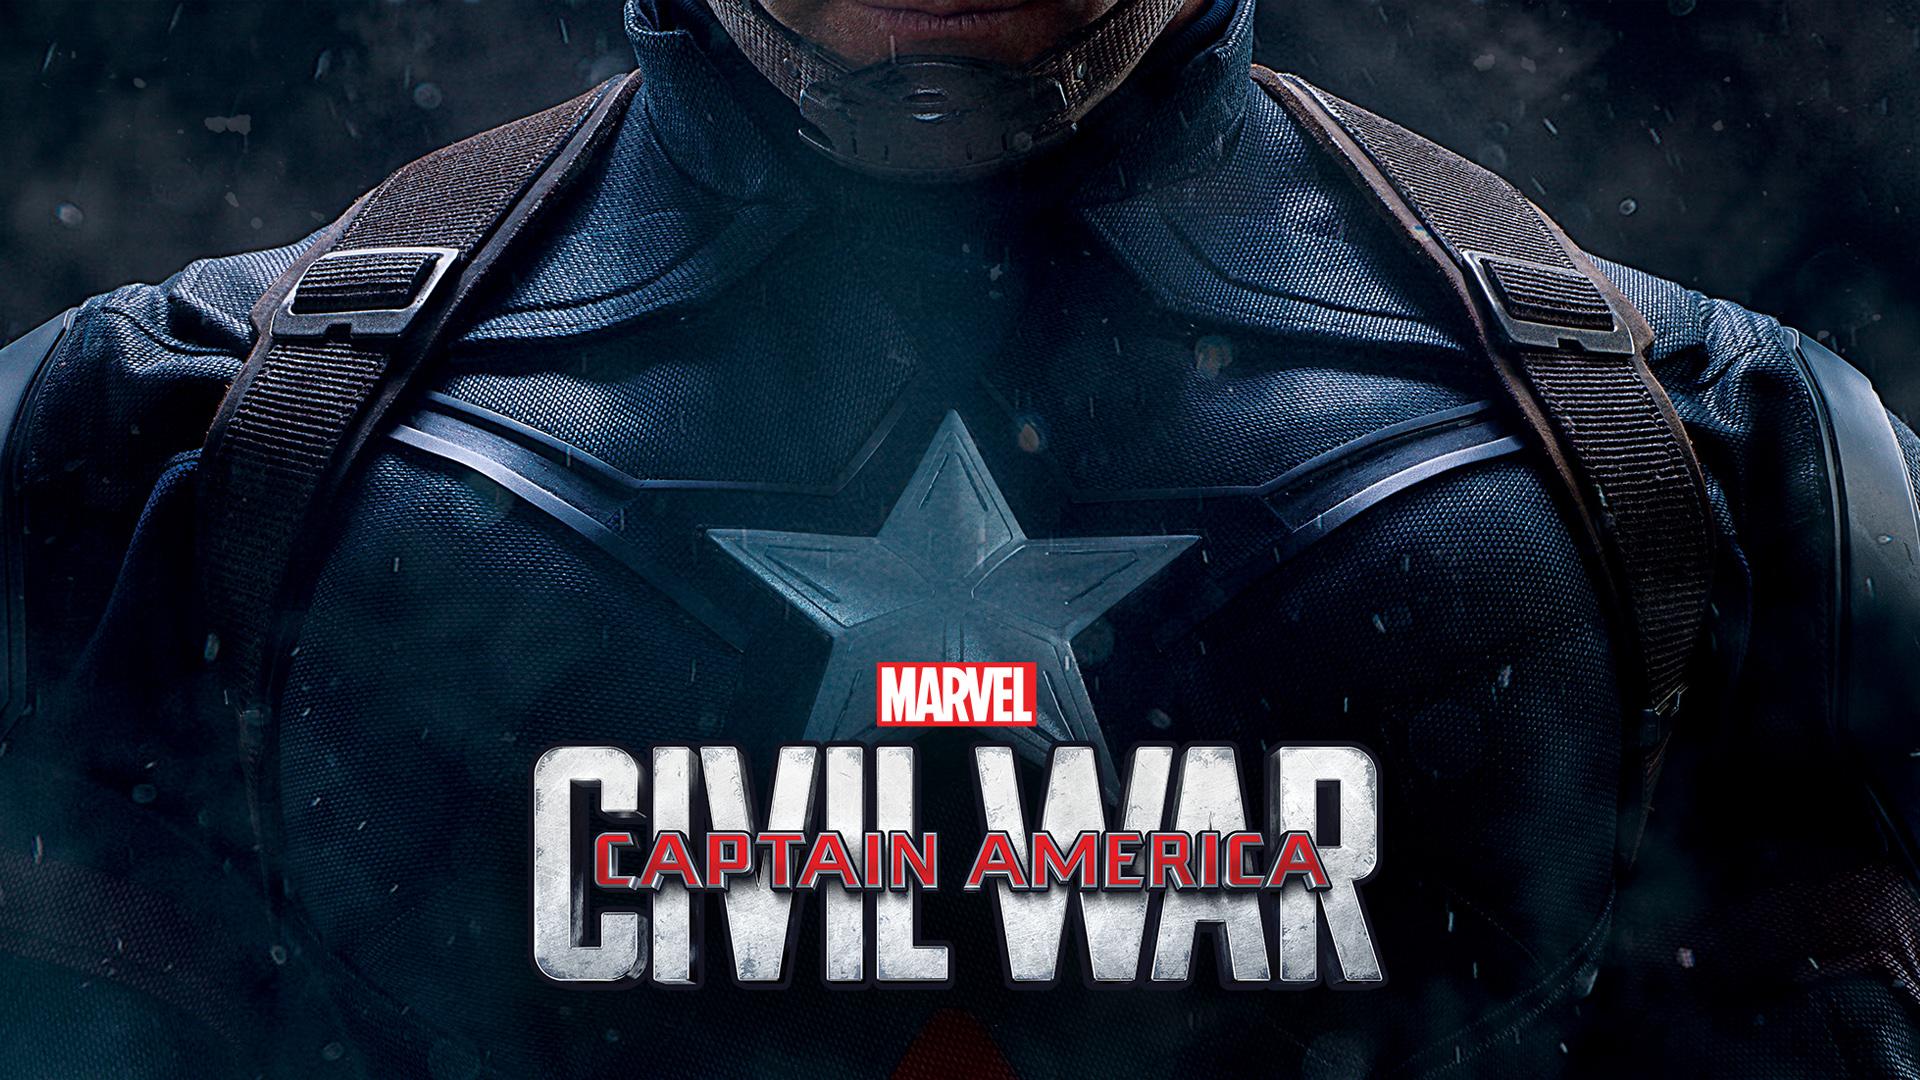 Captain America Civil War 2016 Wallpapers HD Wallpapers 1920x1080